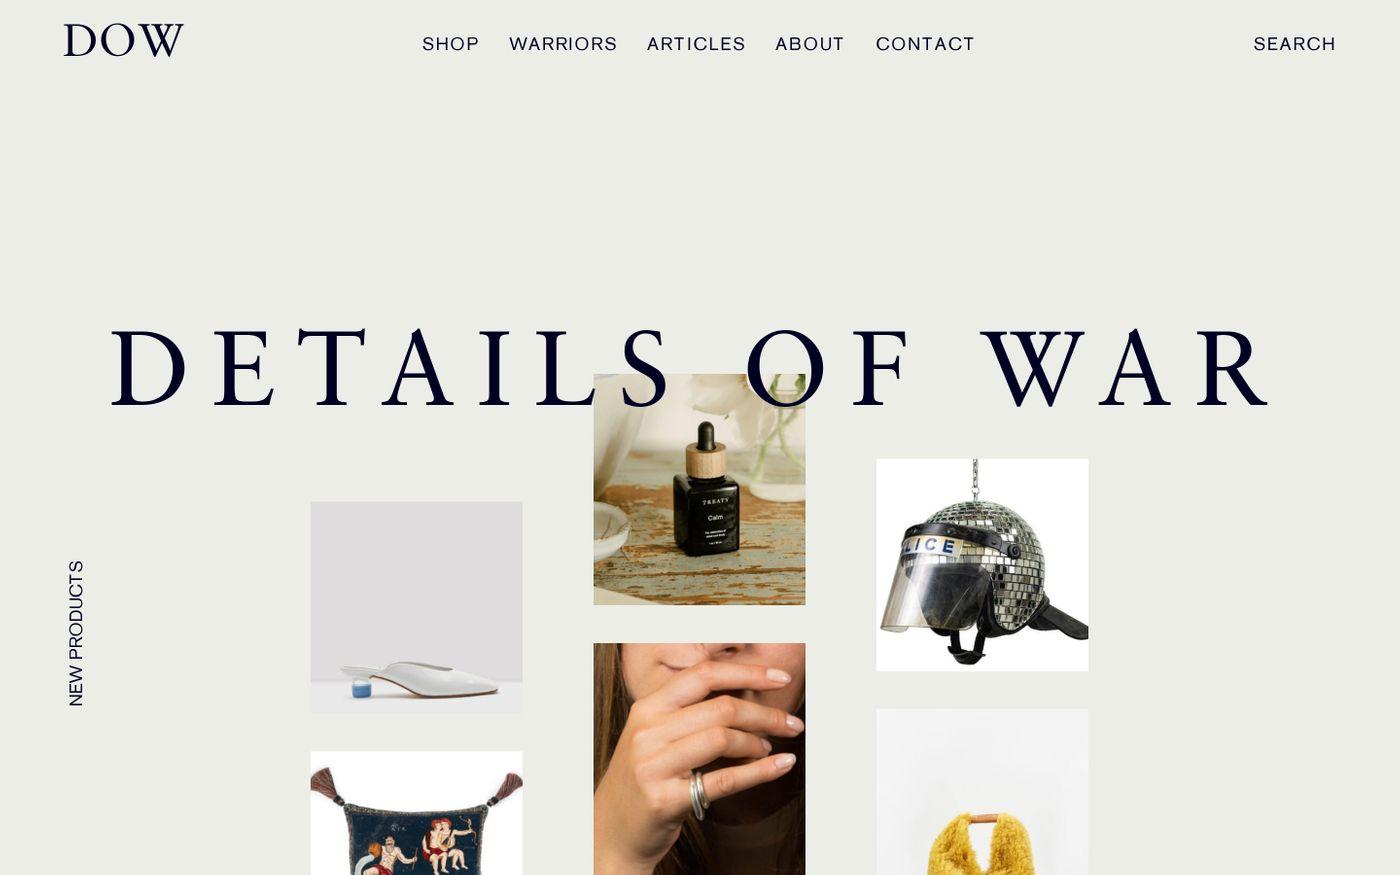 Screenshot of Details of war website